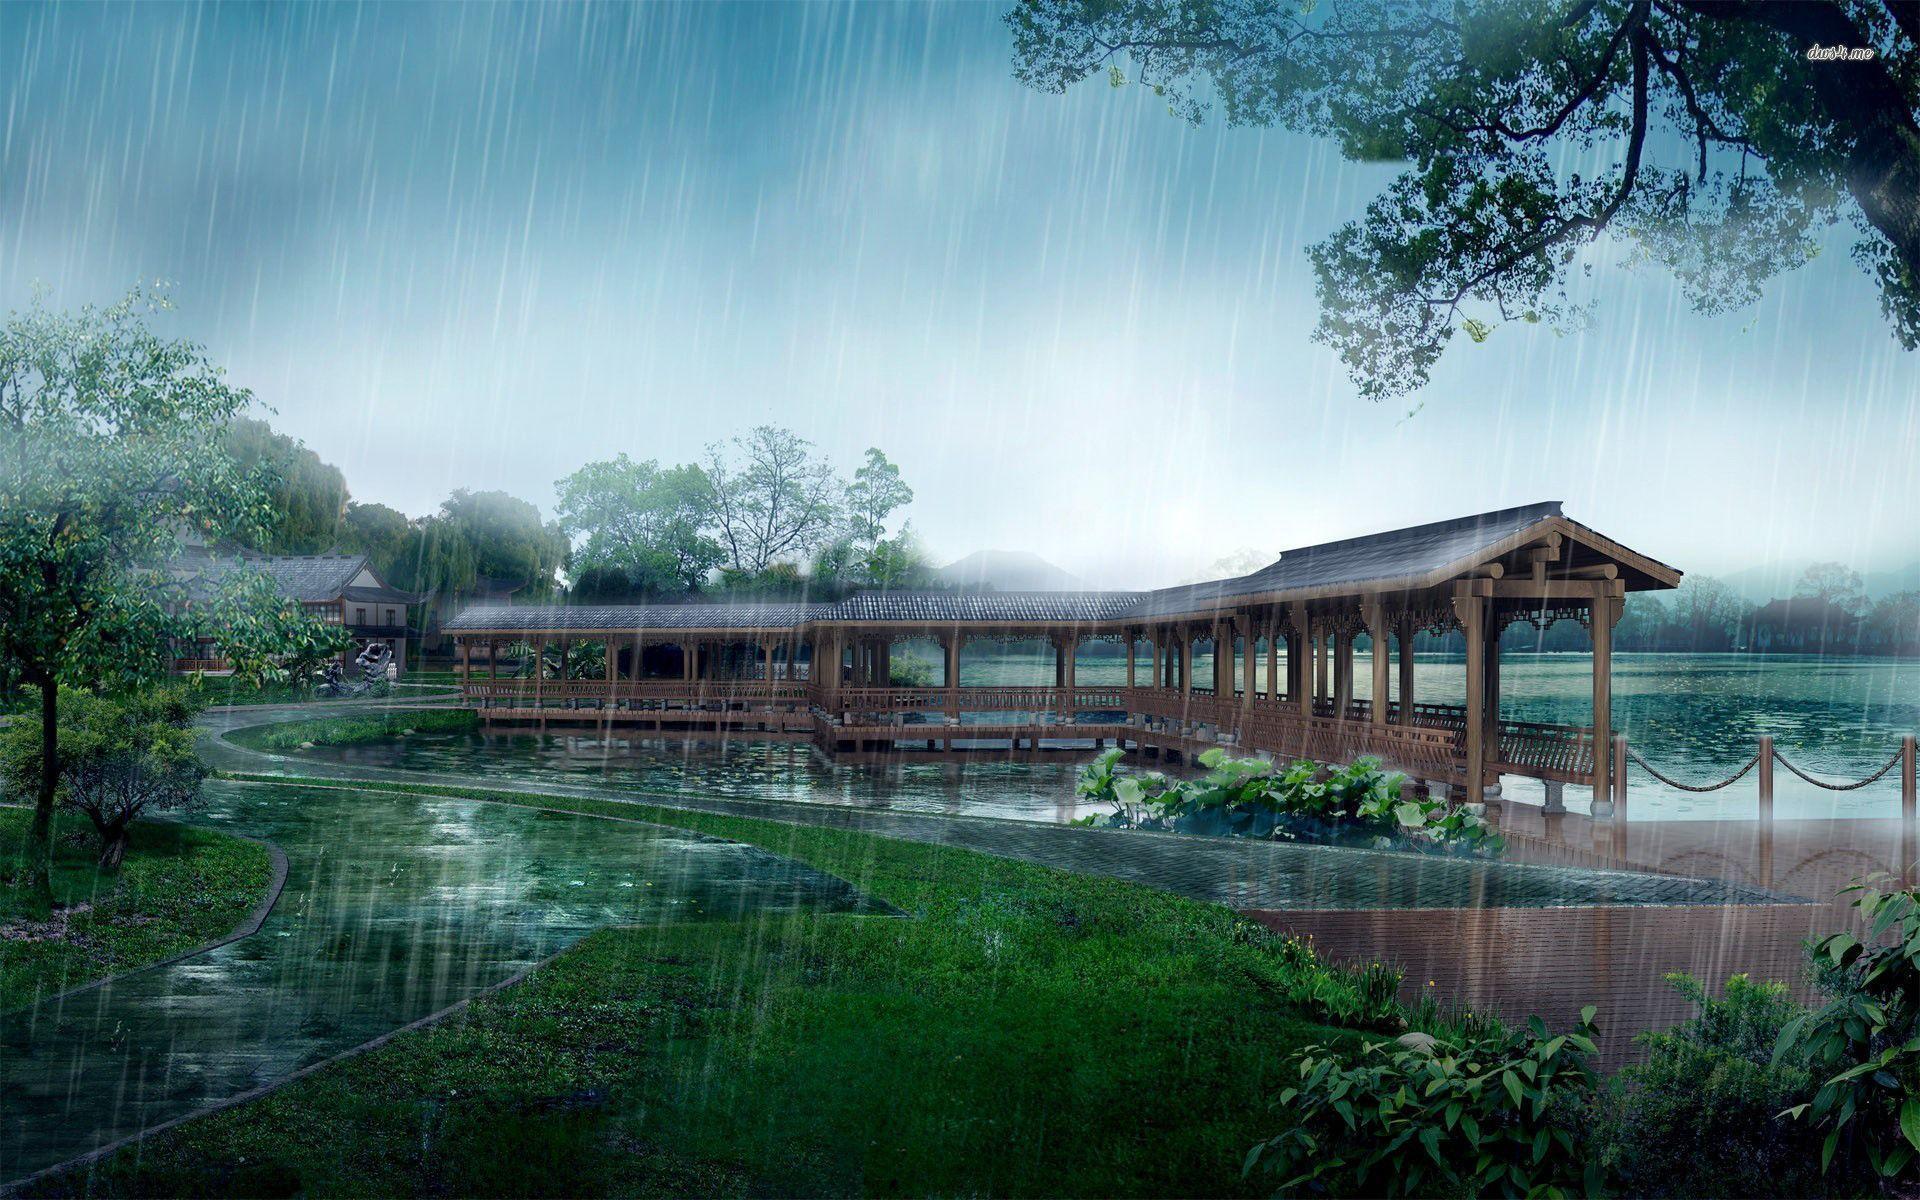 Rain over a japanese garden wallpaper - Fantasy wallpapers - #